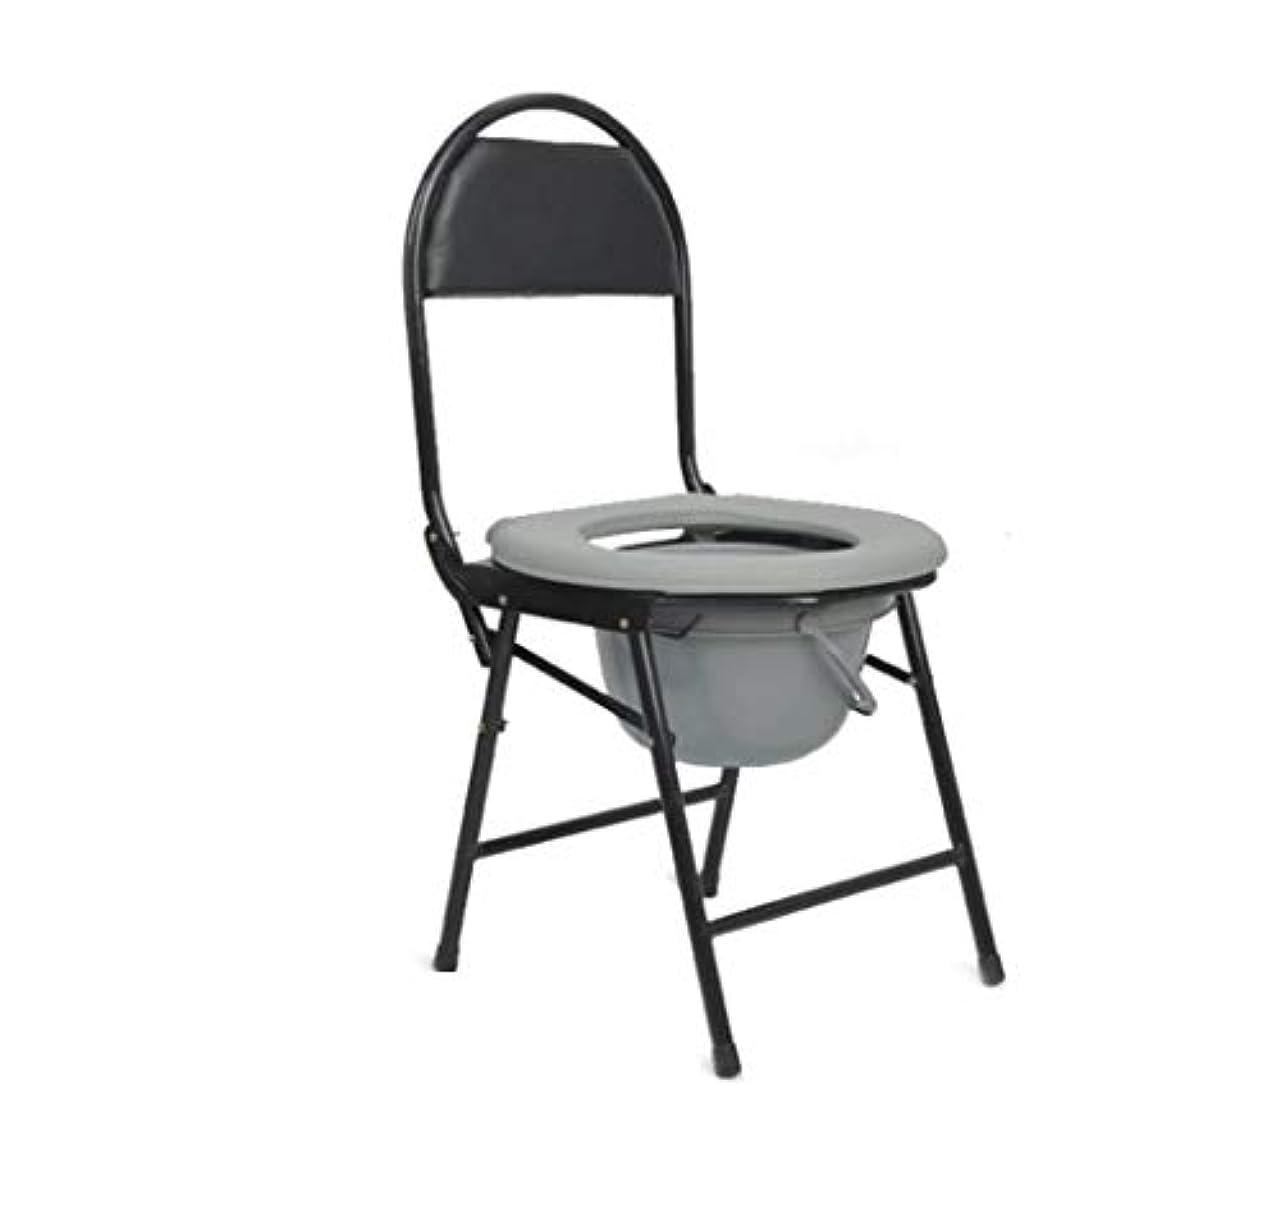 折りたたみ式mode椅子とトイレサラウンド、軽量、丈夫、シンプル、高齢者高齢者向けのバスルームサポート、無効